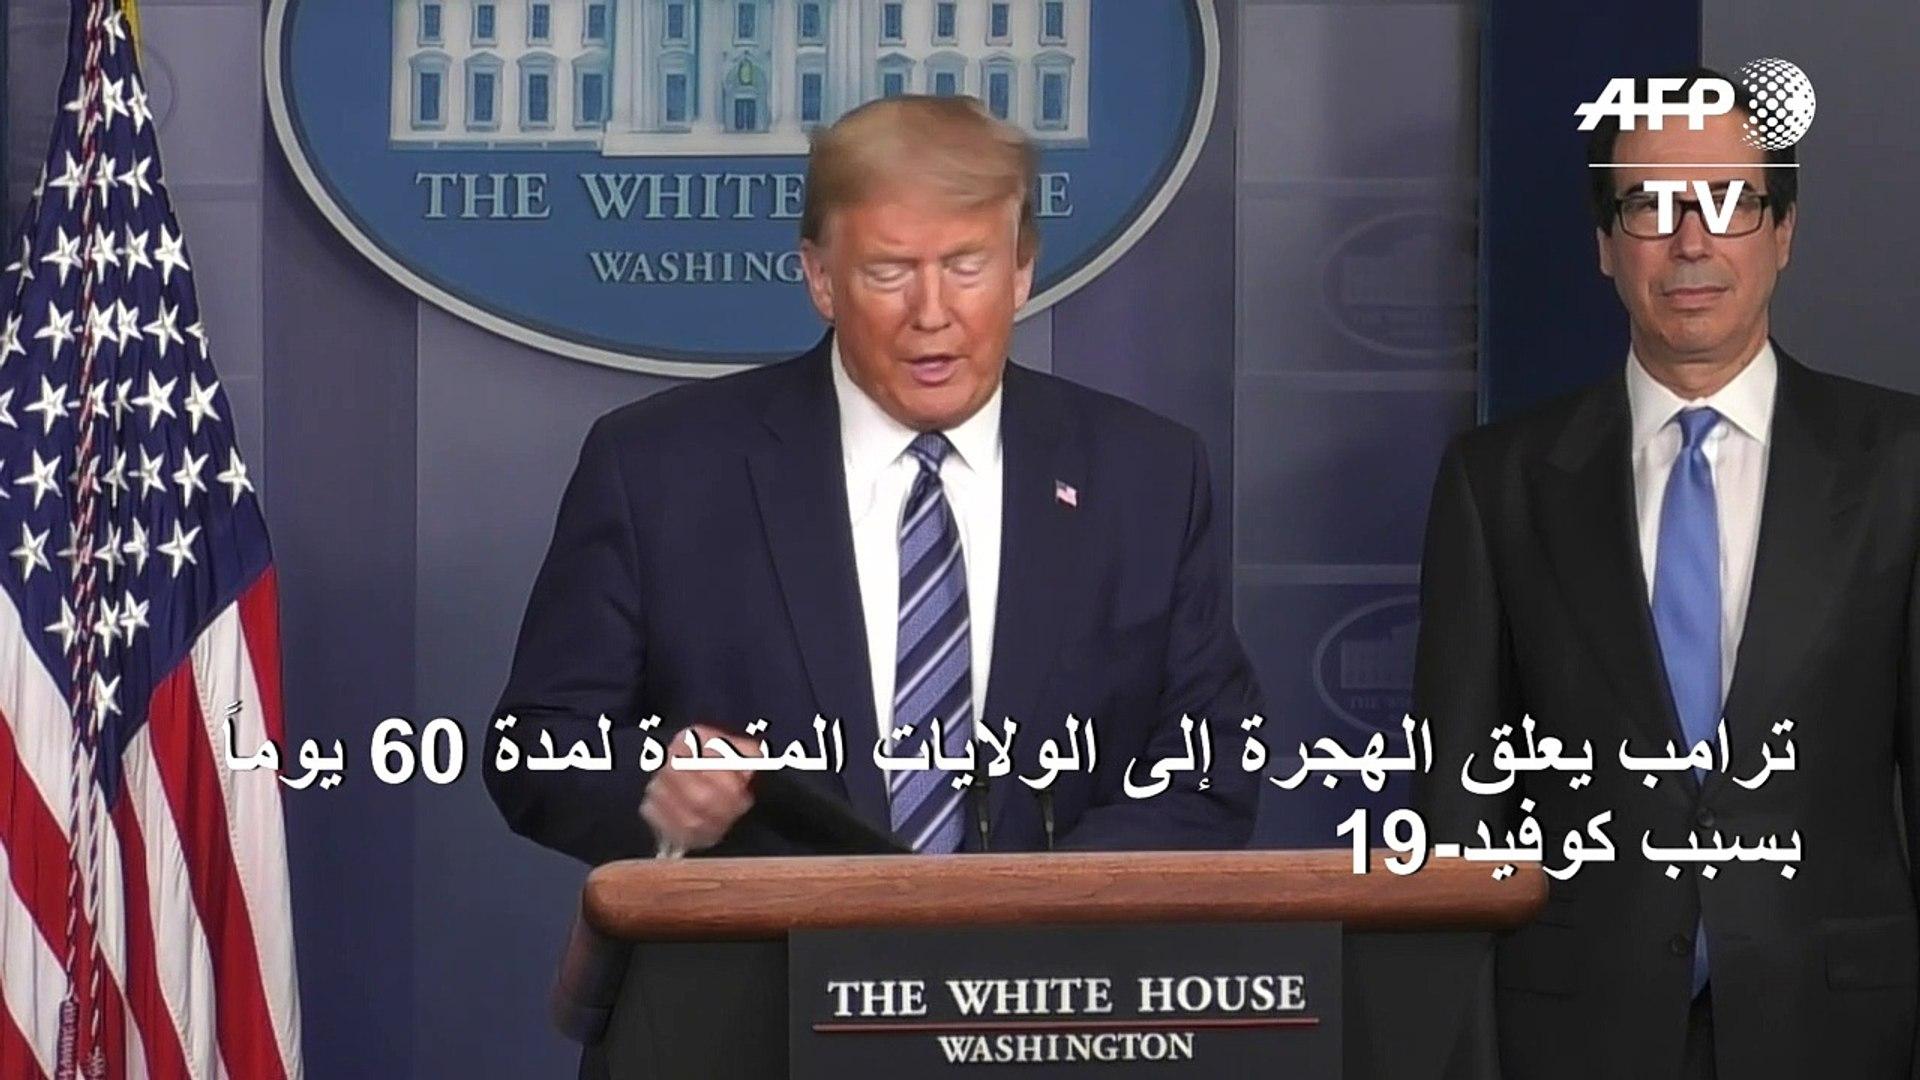 ترامب يعلق الهجرة إلى الولايات المتحدة لمدة 60 يوماً بسبب كوفيد-19